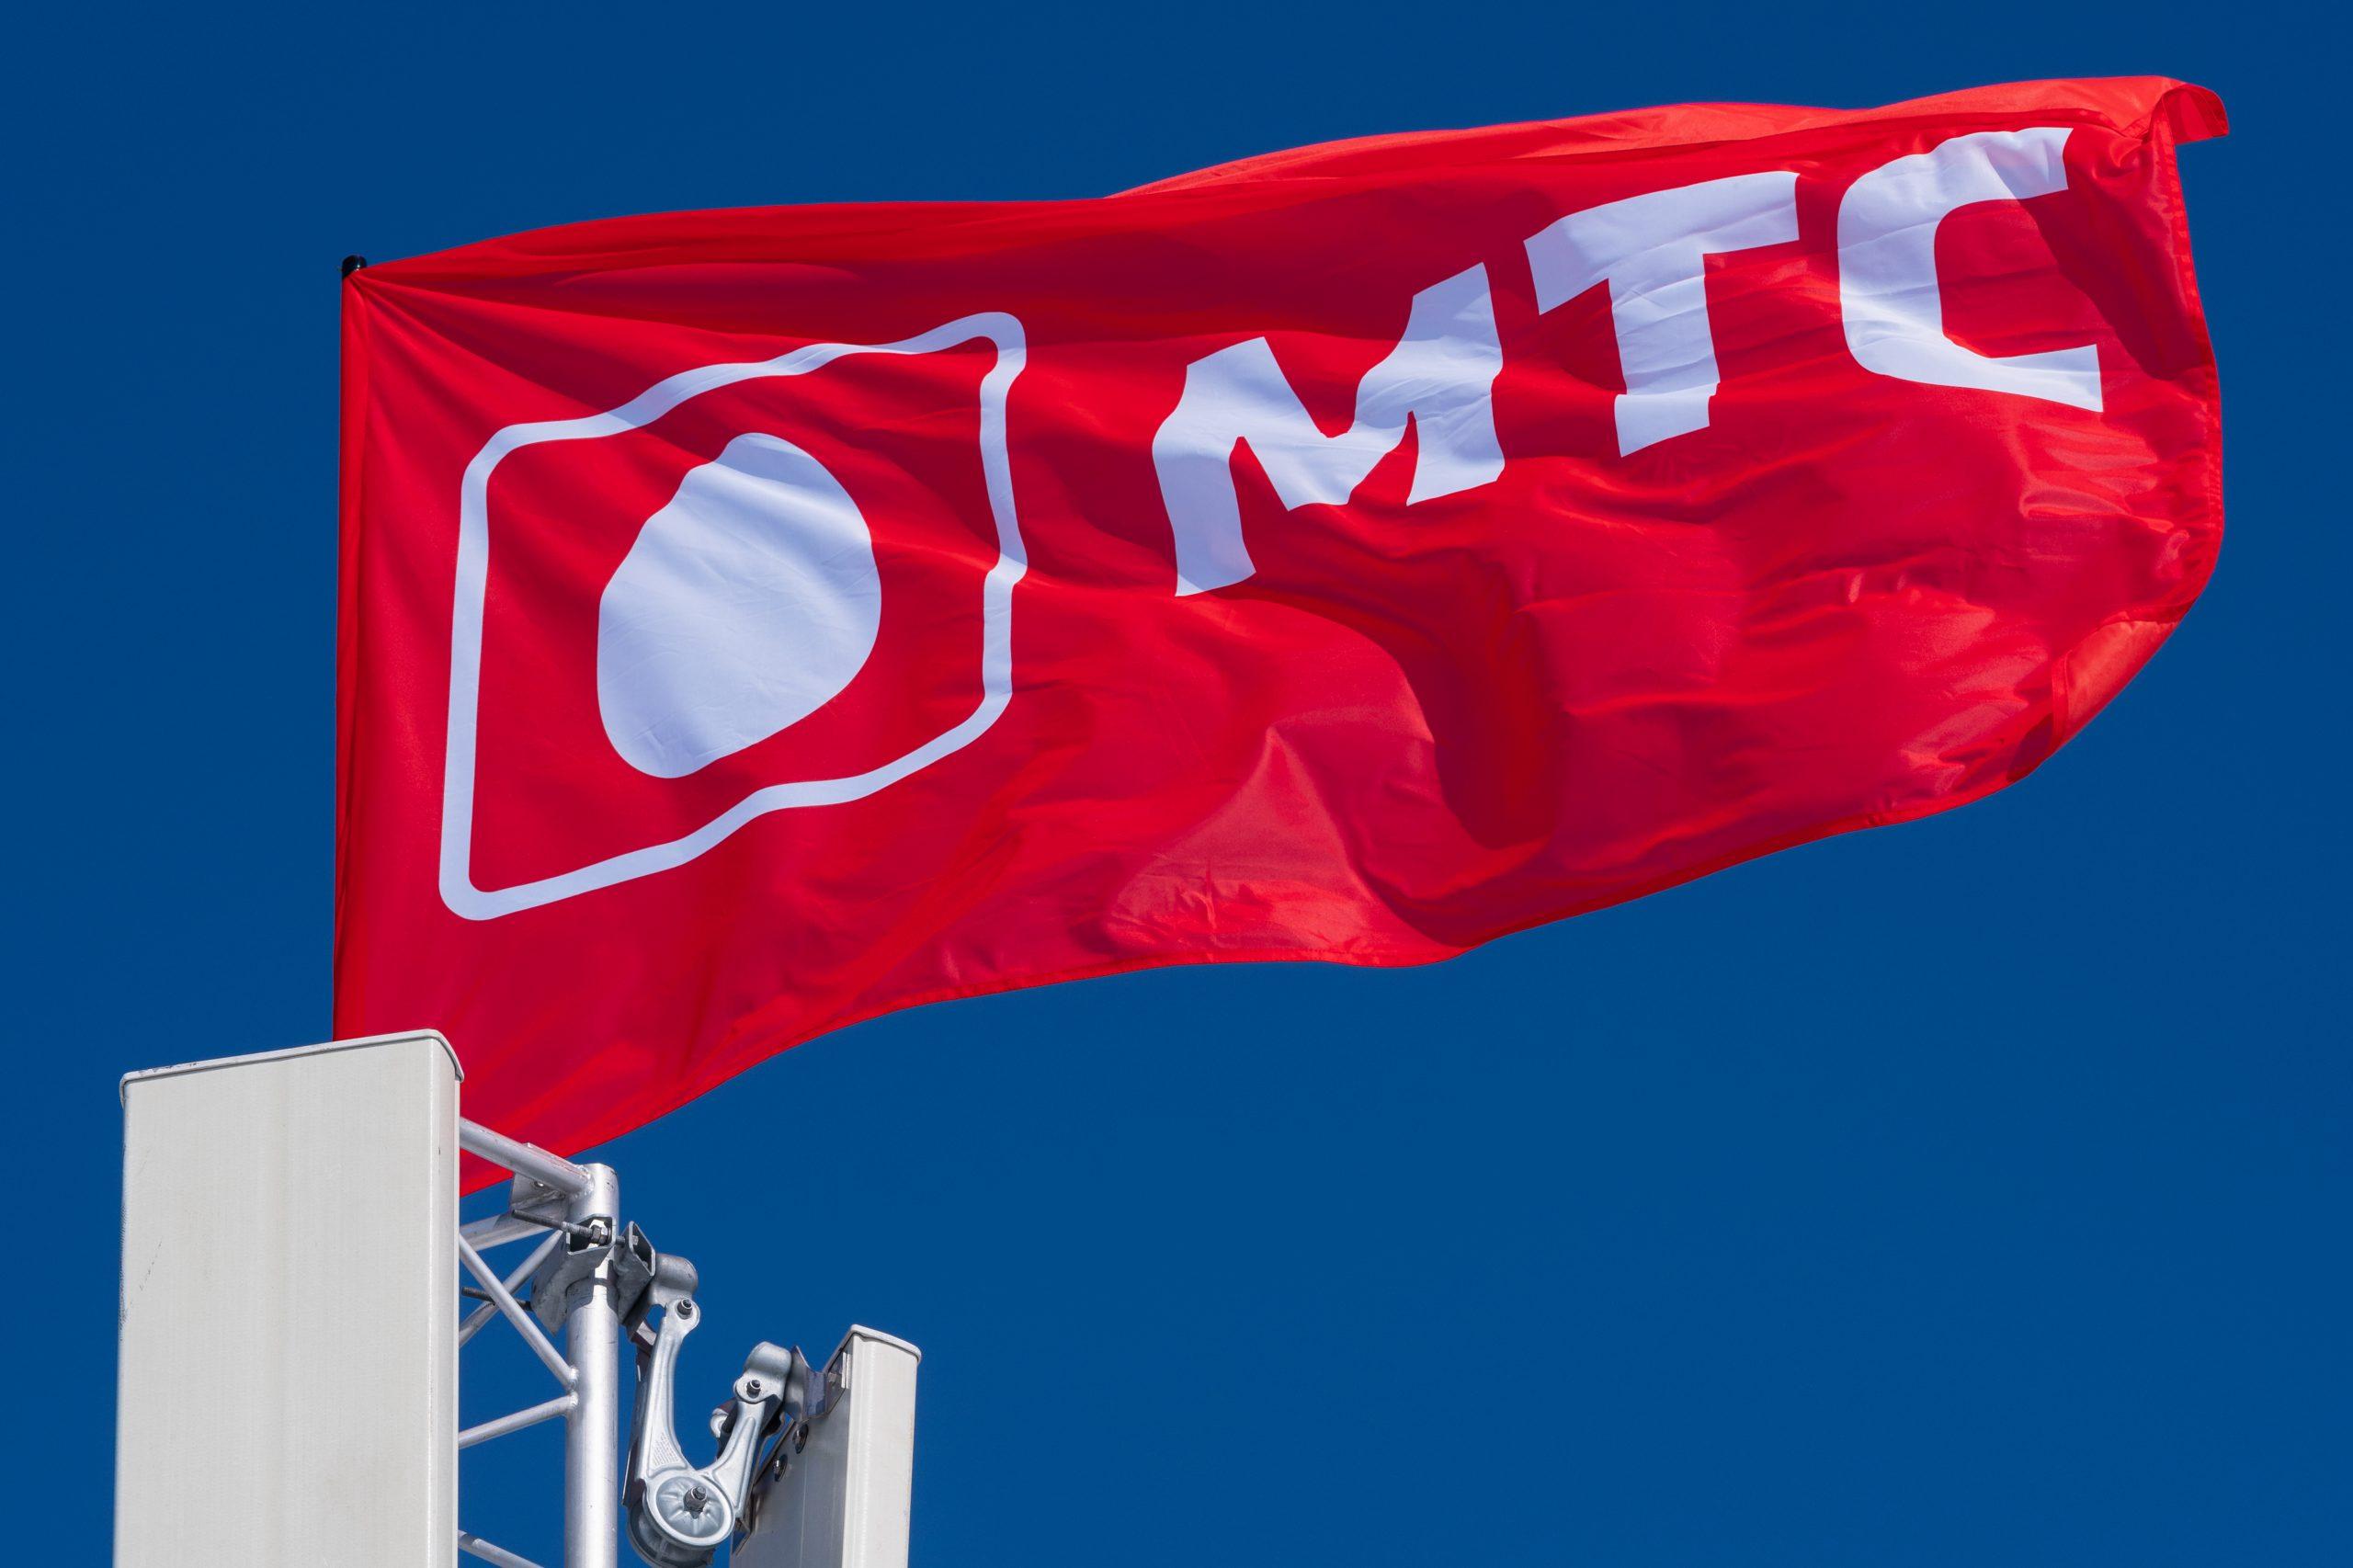 МТС инвестирует в цифровую инфраструктуру Адыгеи 1